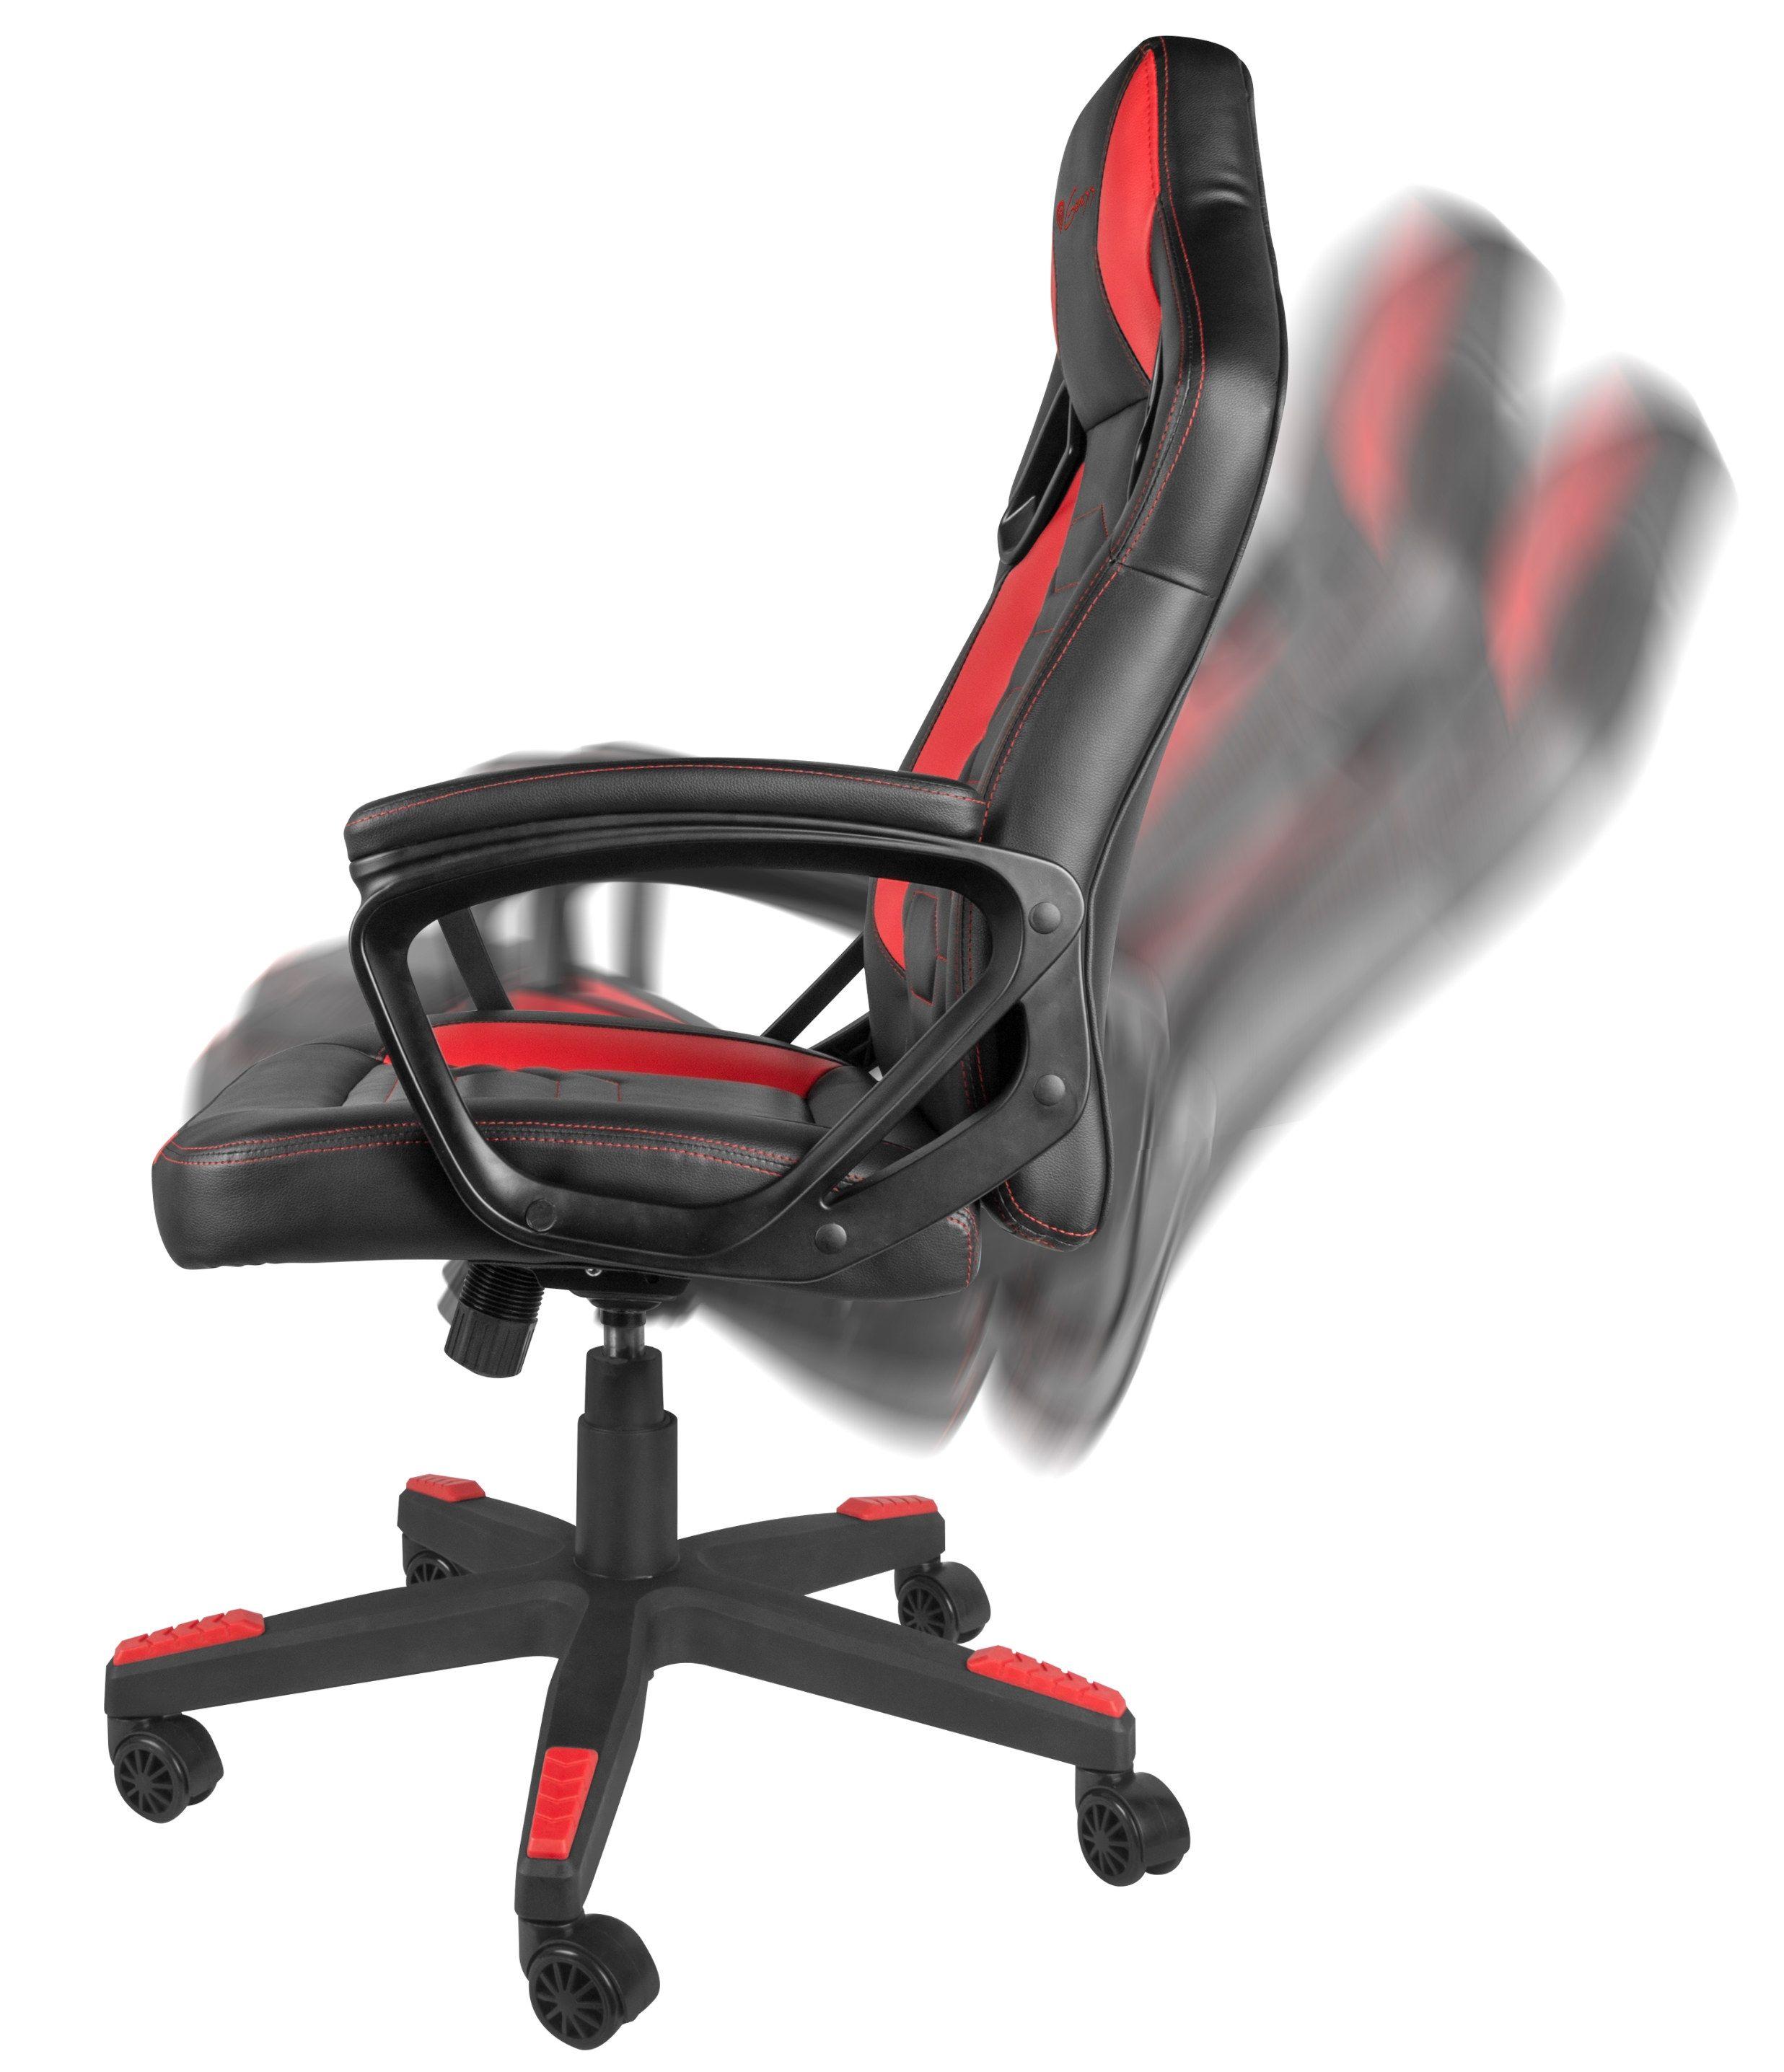 Гейминг стол Genesis - Nitro 370, червен/черен - 8